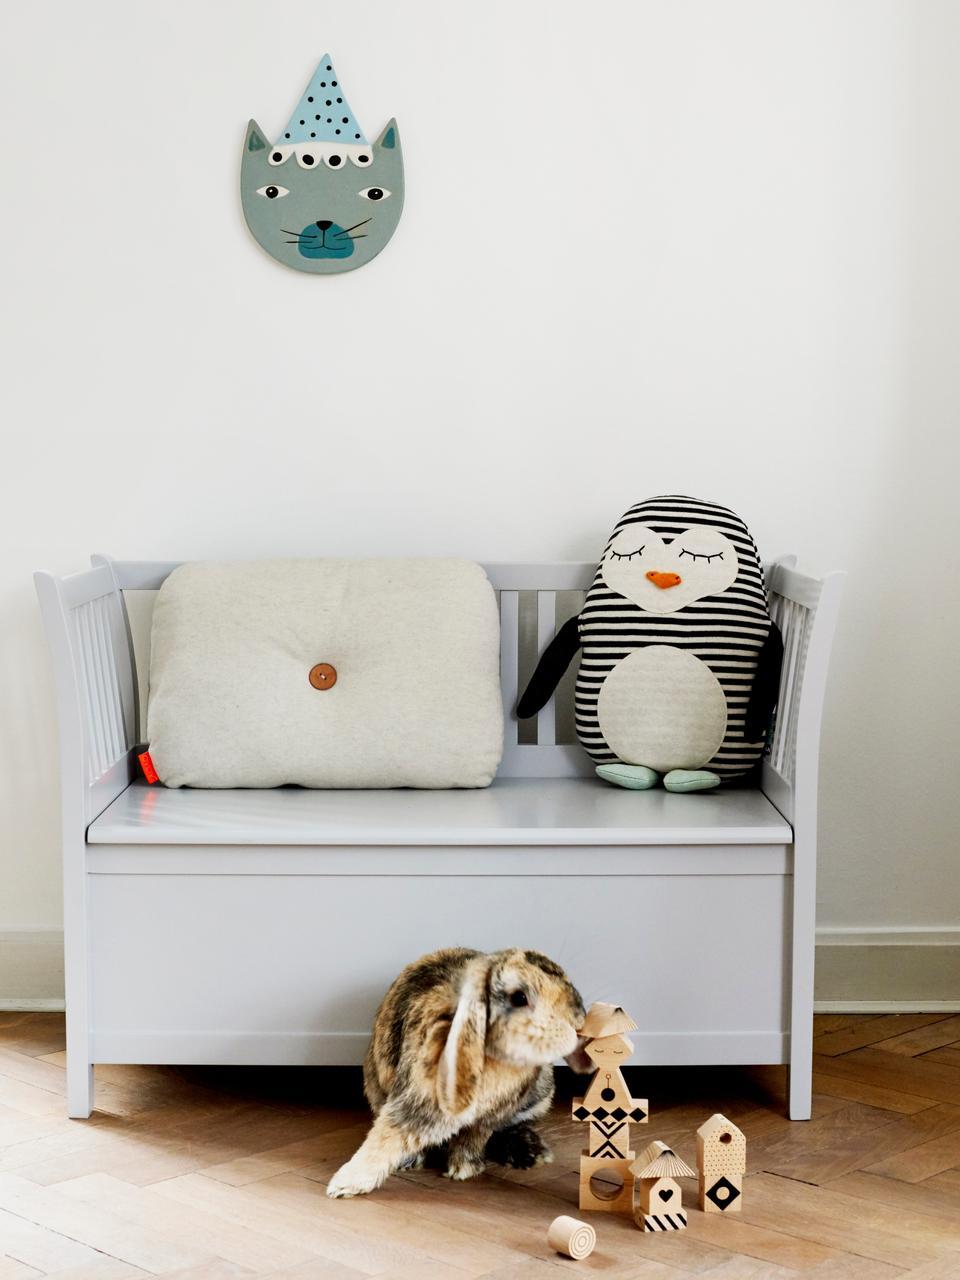 Kuschelkissen Pingo, Baumwolle, Gebrochenes Weiß, Schwarz, Mintgrün, Orange, 31 x 41 cm